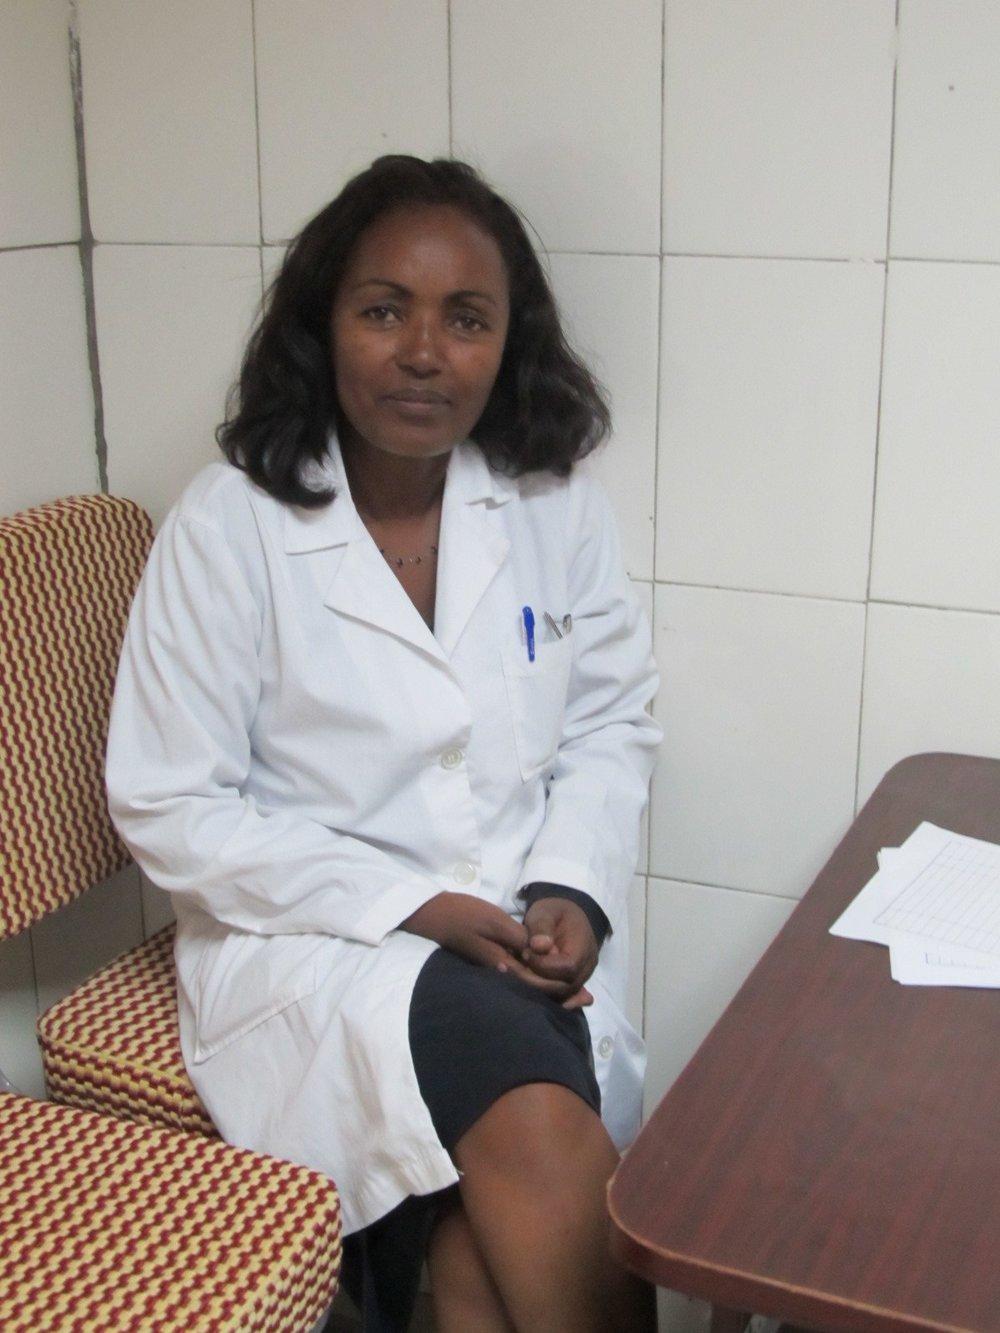 Dr. Mulu Muleta